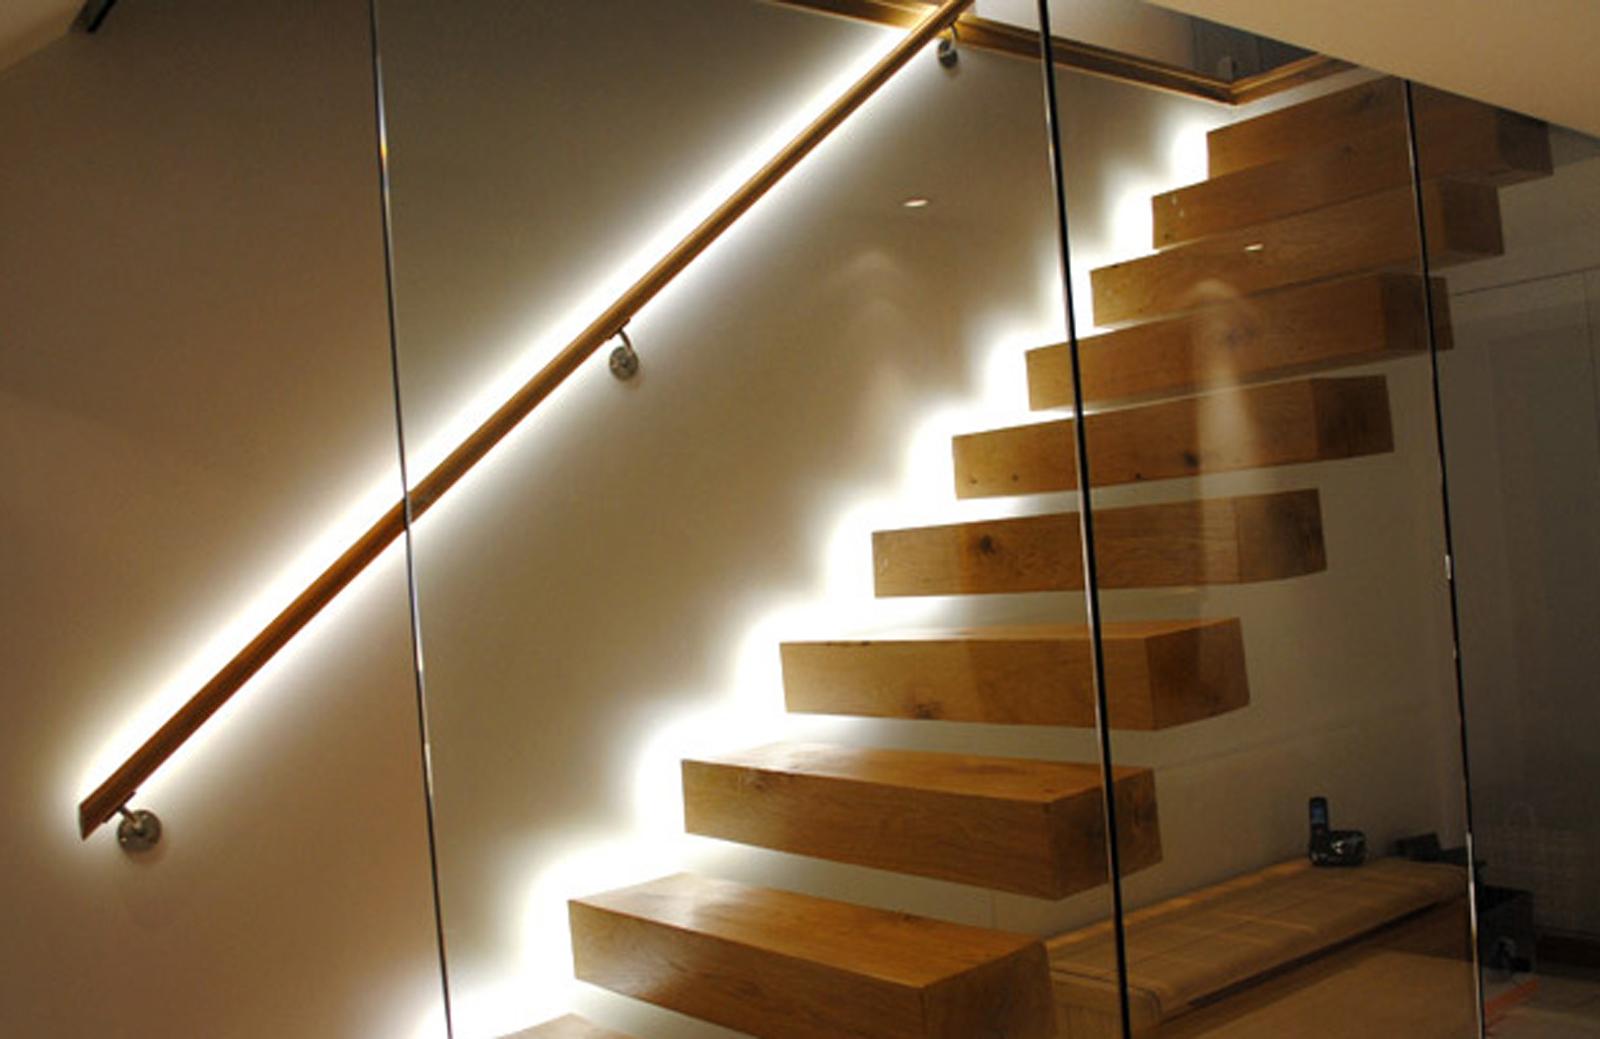 đèn ánh sáng - địa chỉ mua đèn cầu thang đẹp giá rẻ